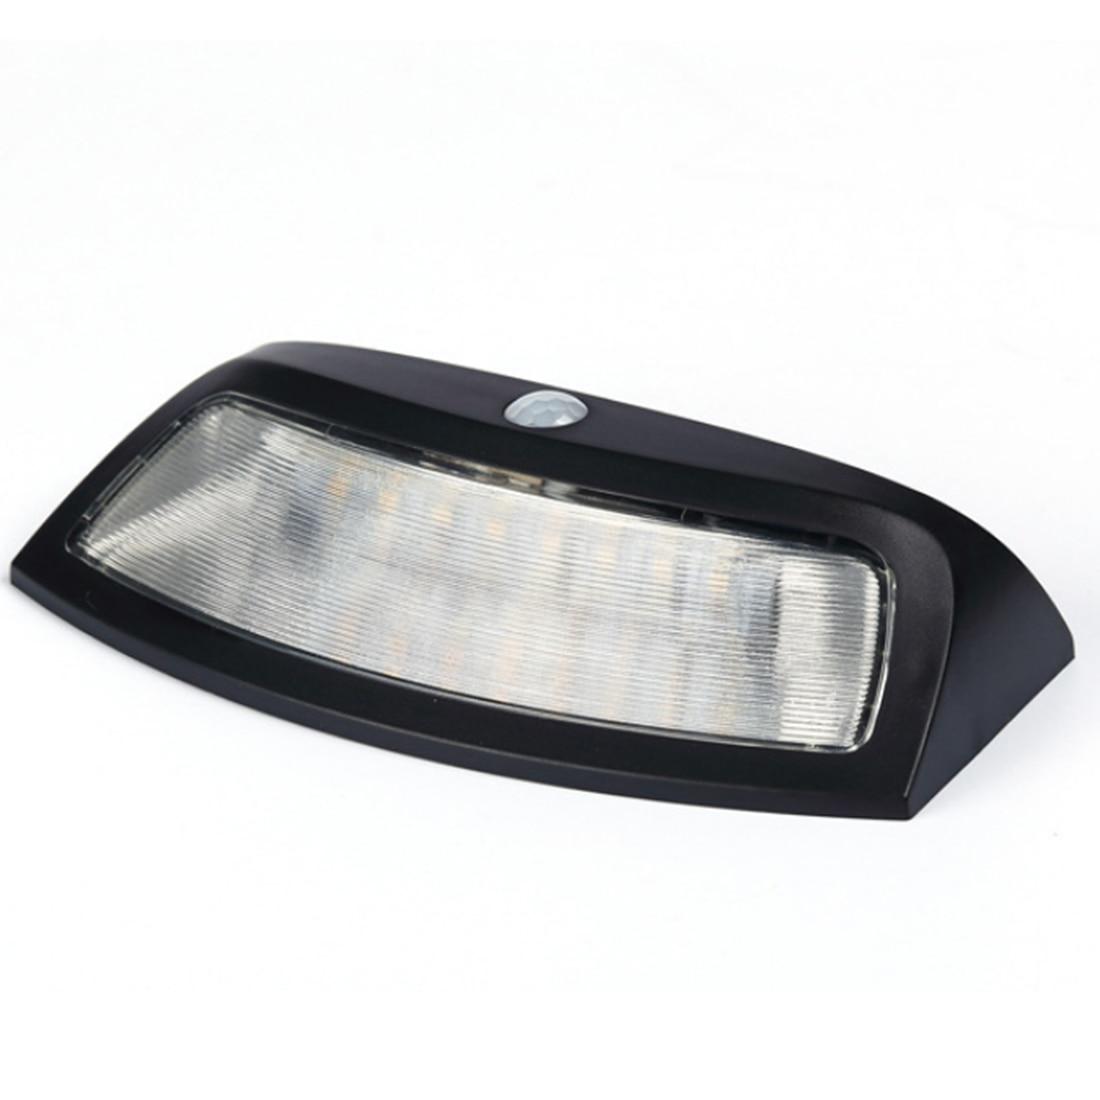 Free Shipping 8 LEDs Infrared Body Sensor Wall Fitting Solar Smile Light Staircase Lamp Garden Light (Cool White) - Black